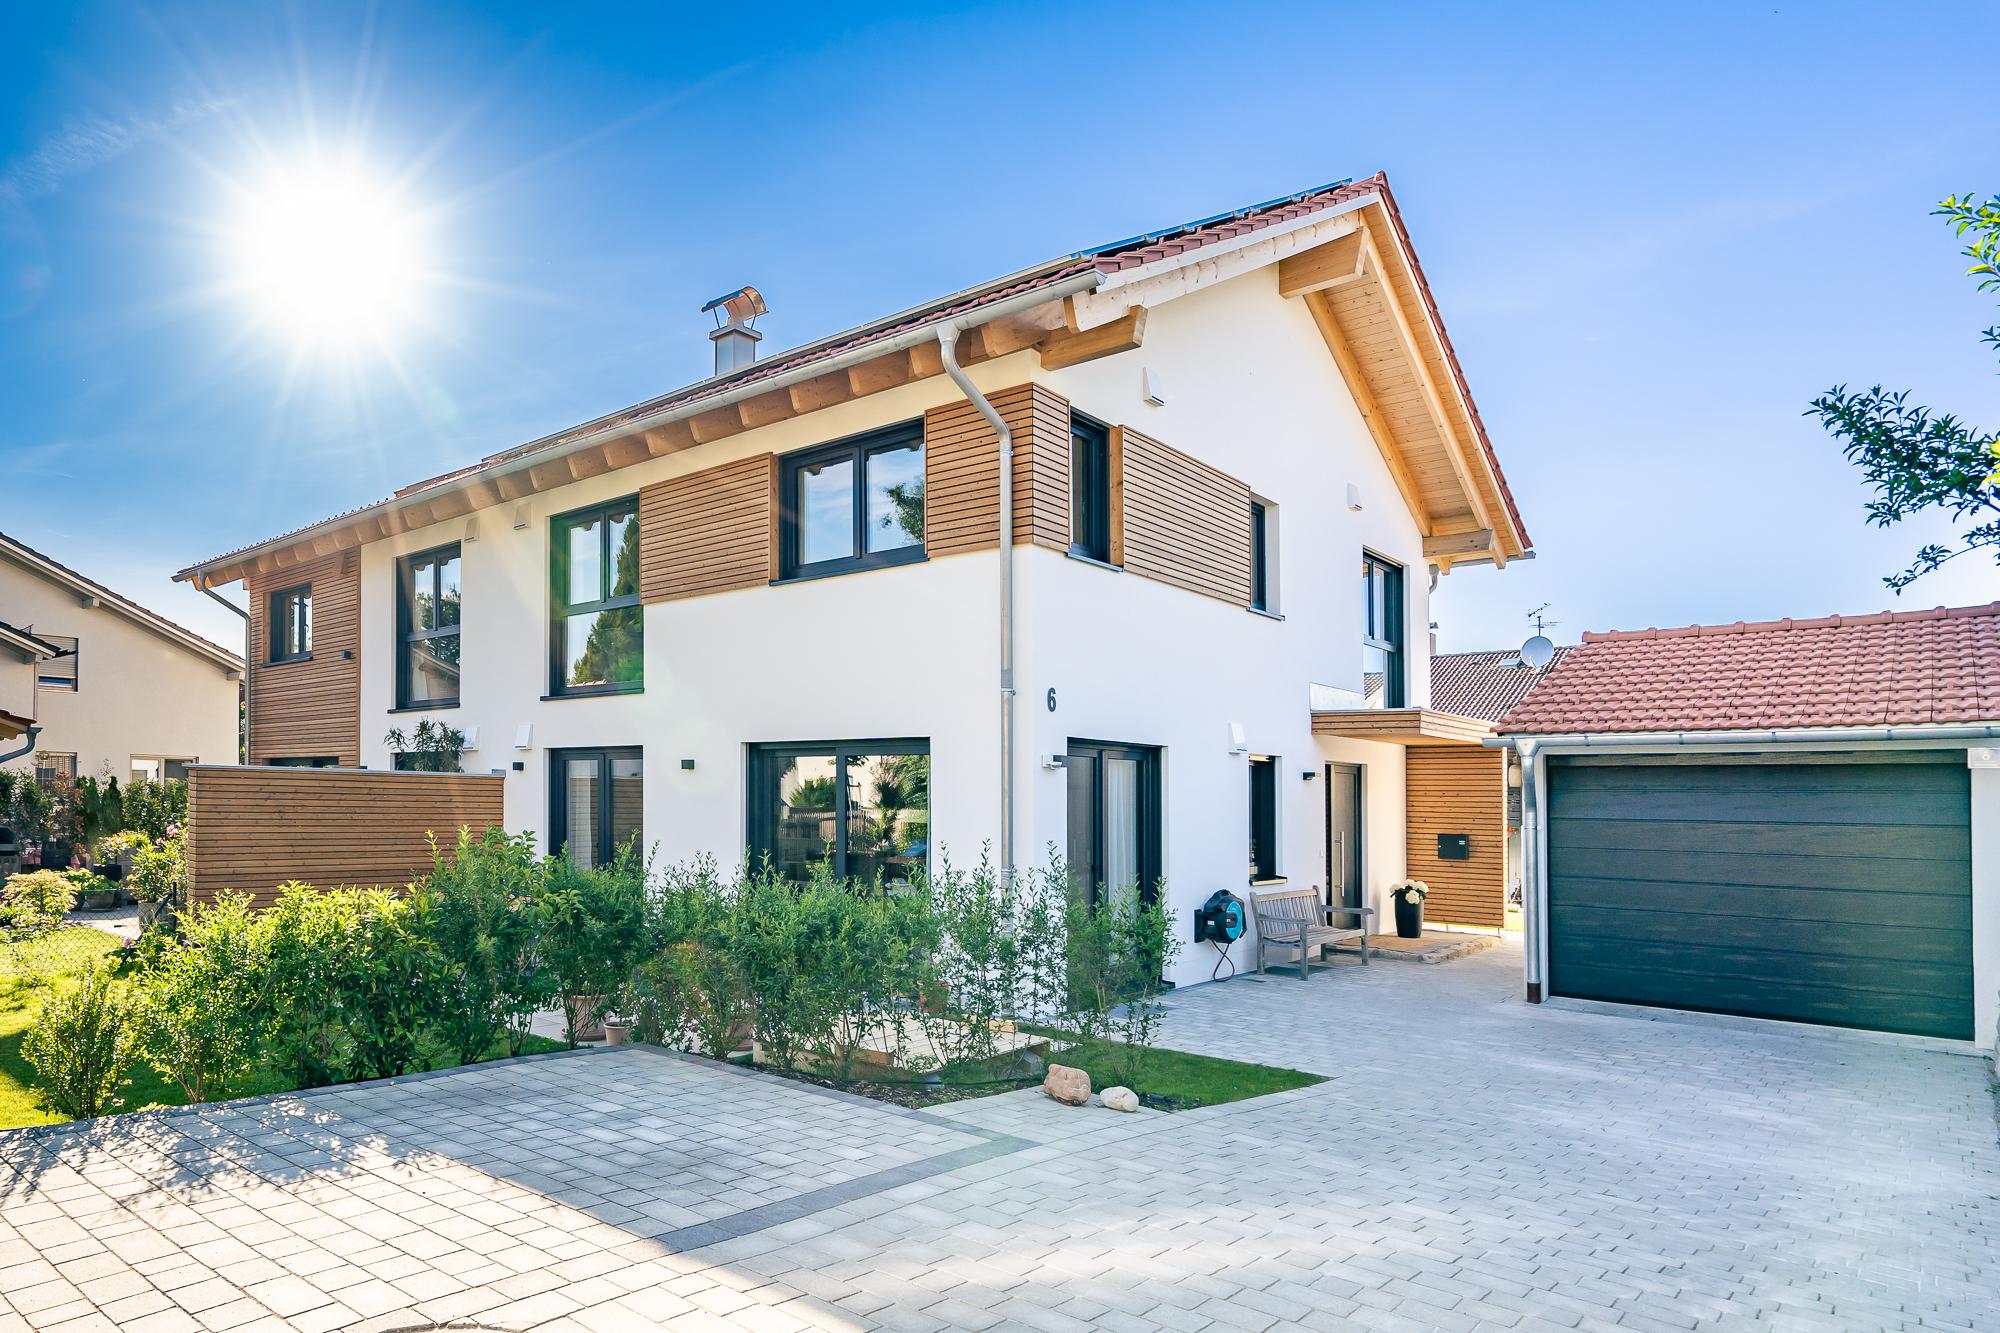 Miesbacher_Holzhaus_Doppelhaus_Otterfing_Juni2021_web©MKF_MaxKalup-2